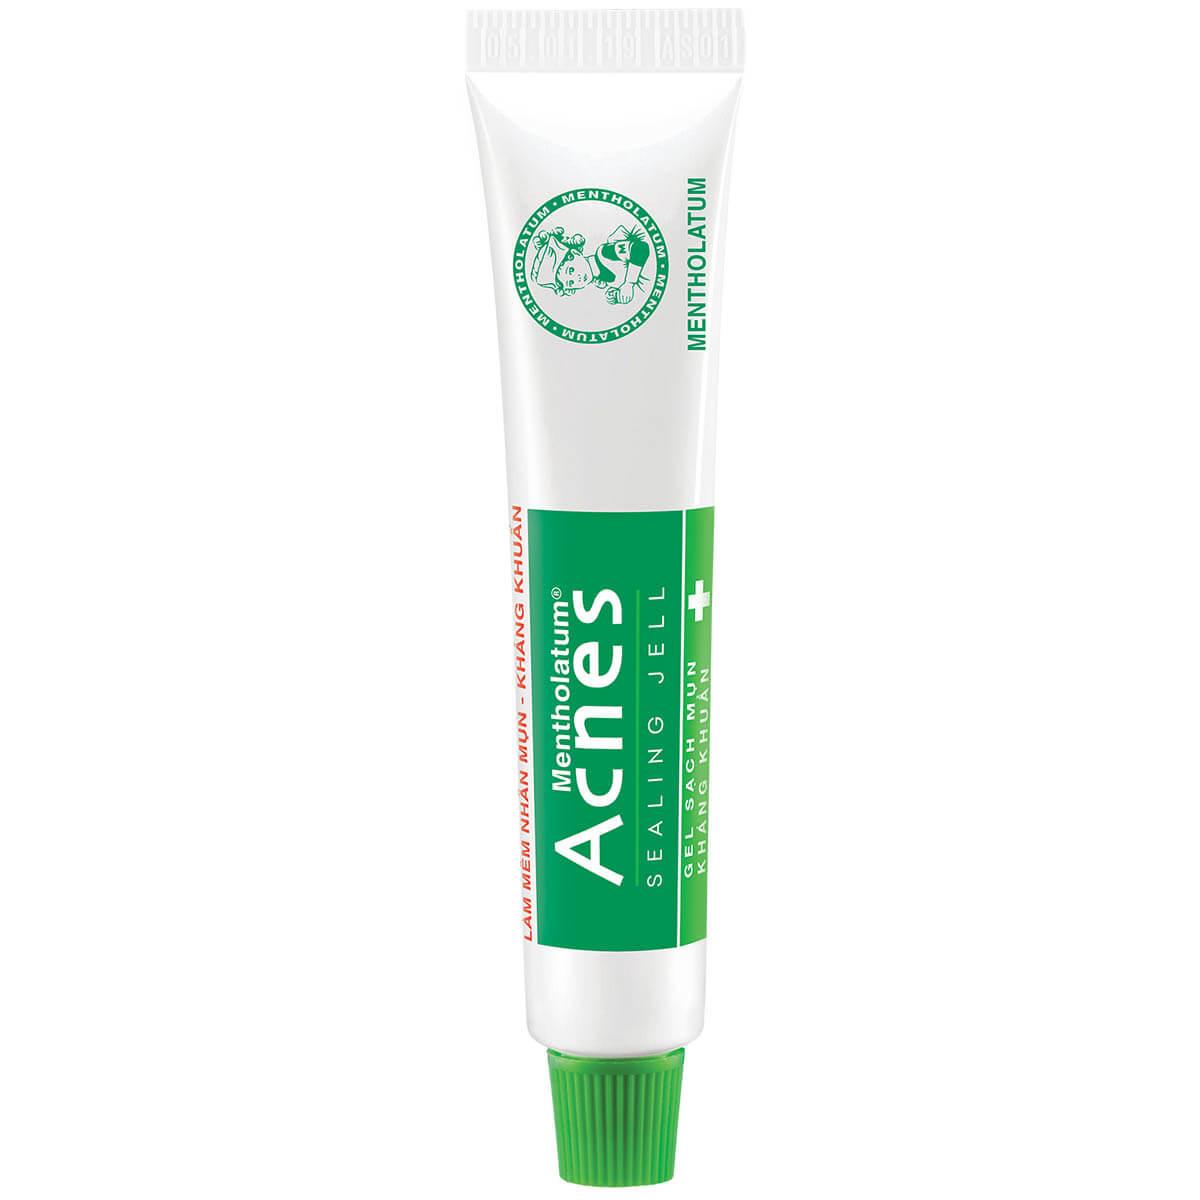 thuốc trị mụn hiệu quả Acnes Sealing Jell